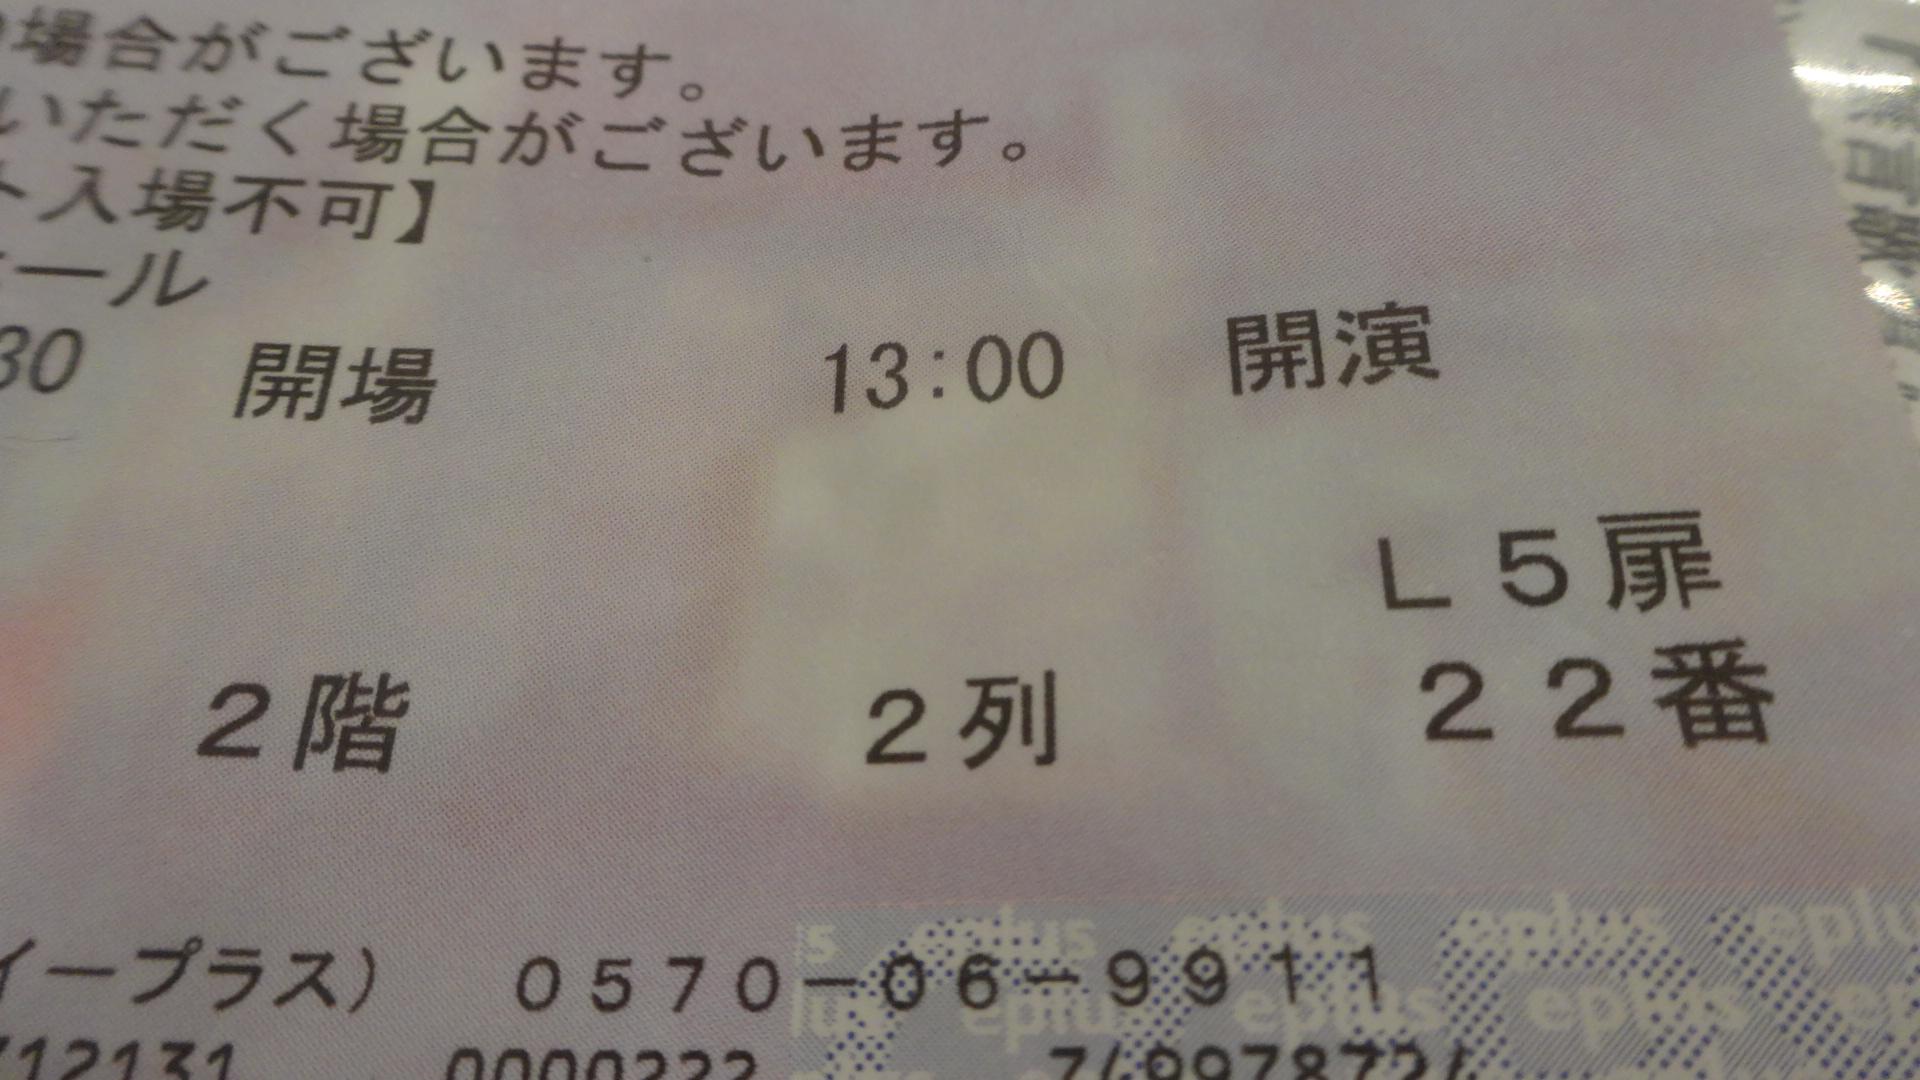 2階 2列 22番 と記されたチケット